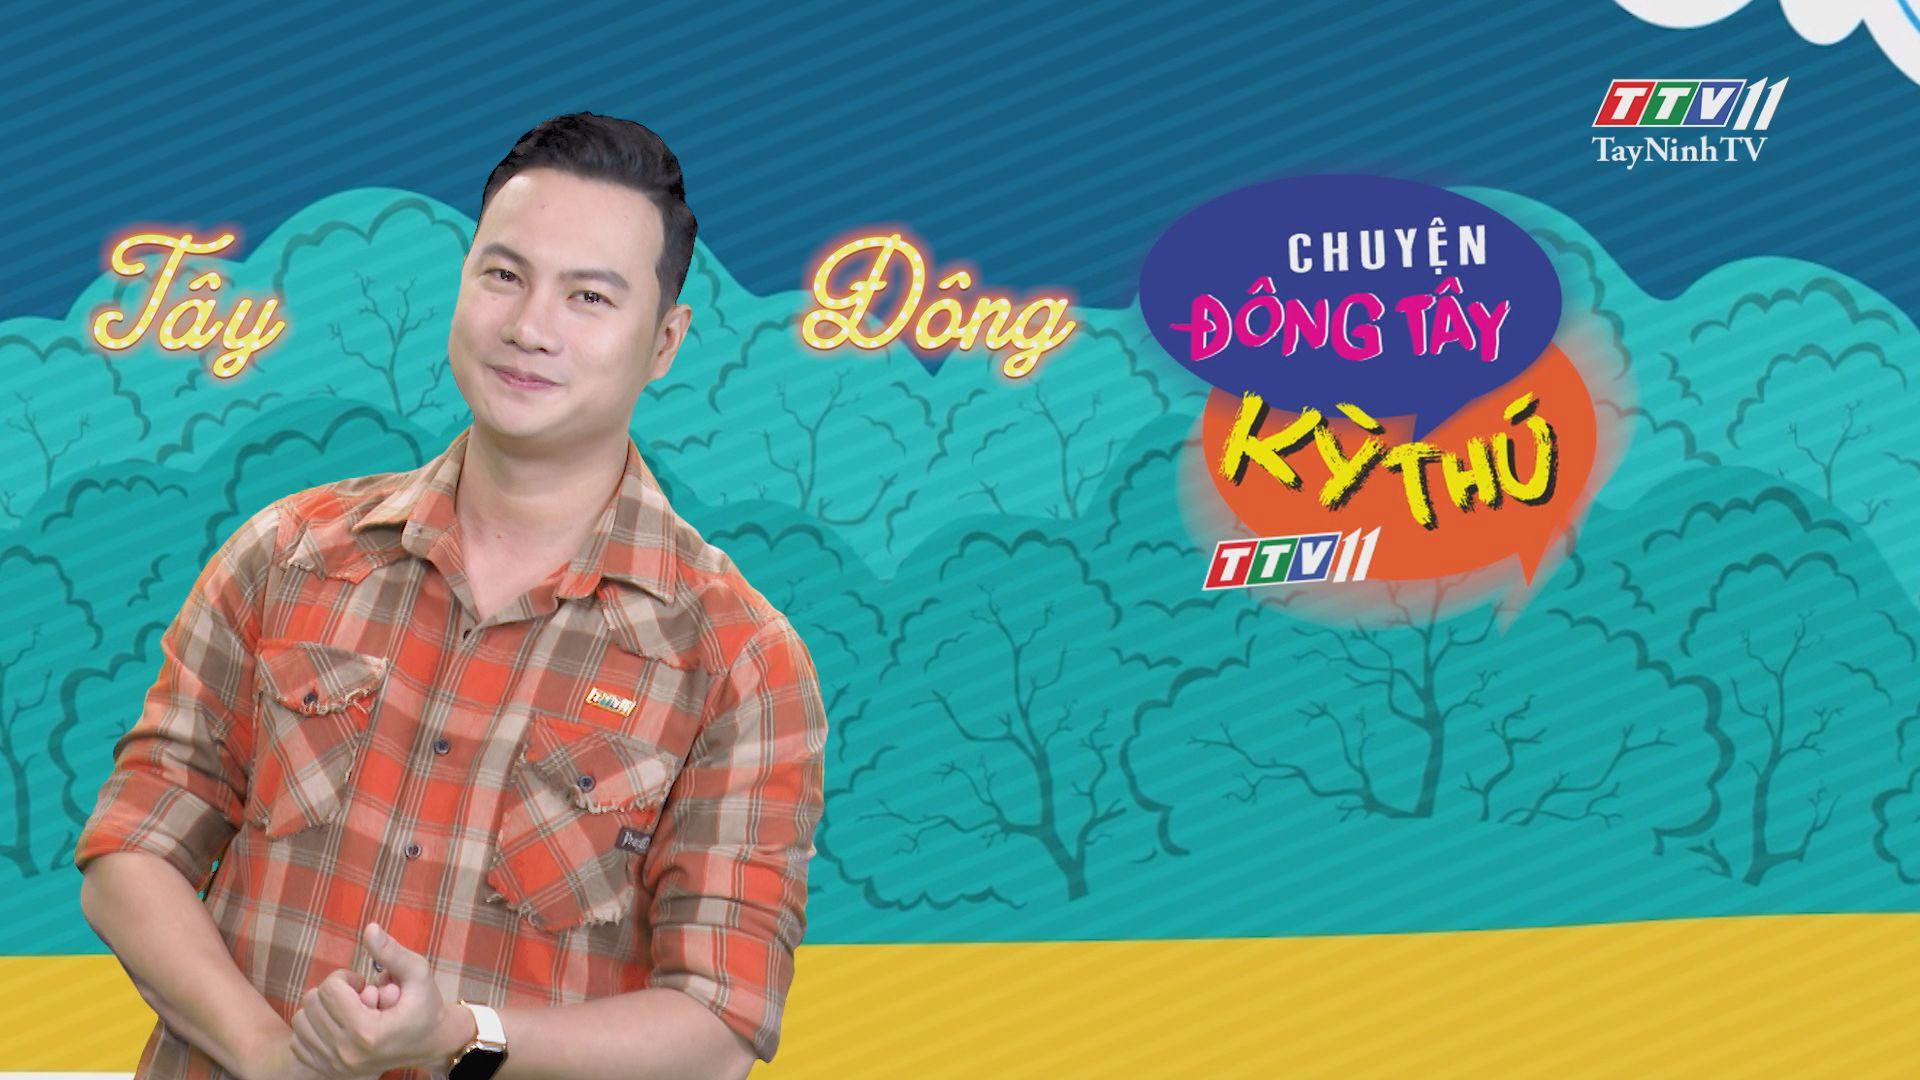 Chuyện Đông Tây Kỳ Thú 08-7-2020 | TayNinhTV